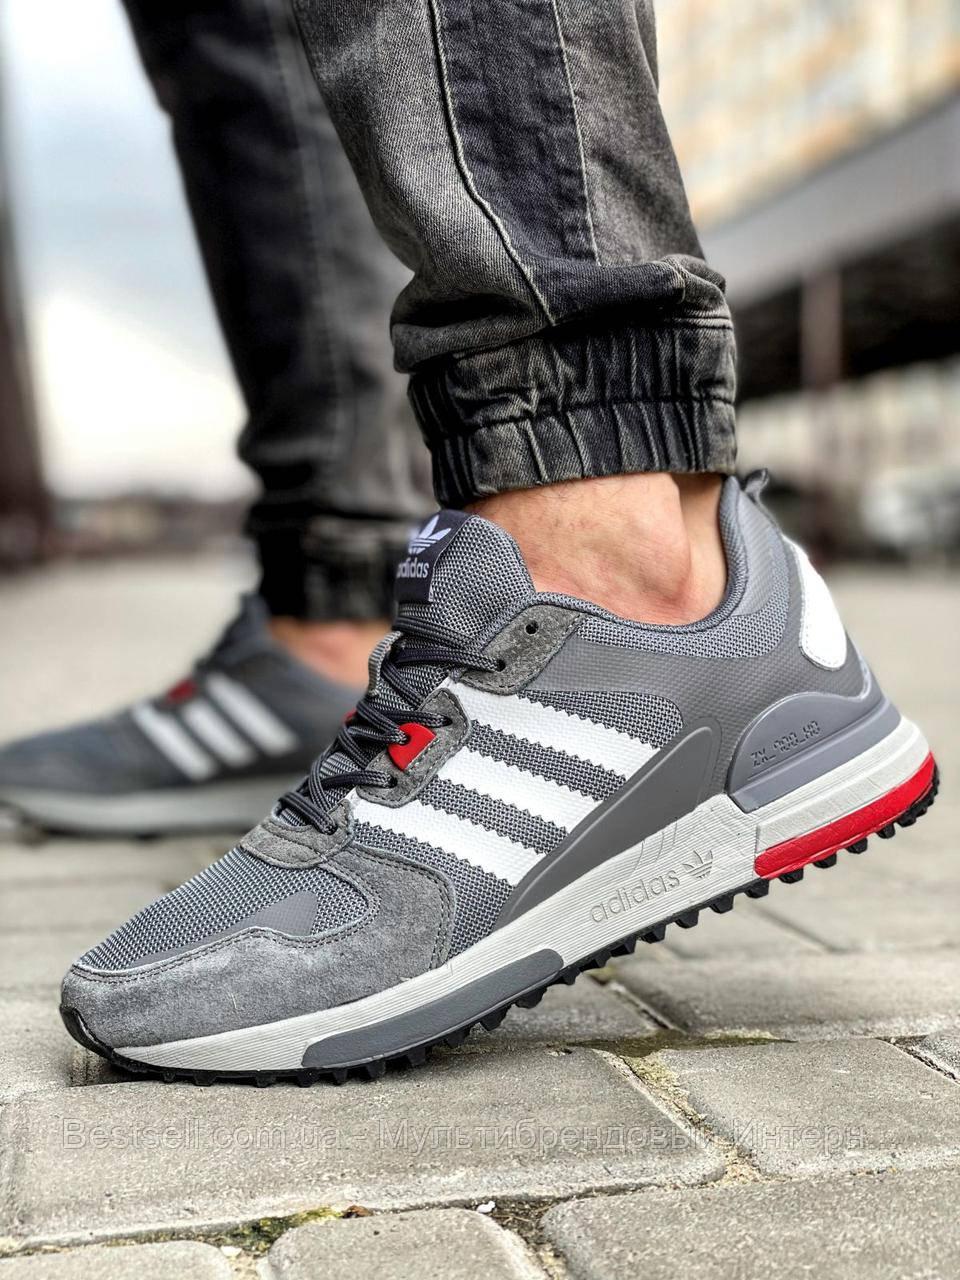 Кросівки чоловічі 18283, Adidas Zx 700 HO, сірі, [ 42 43 44 45 ] р. 41-26,0 див.